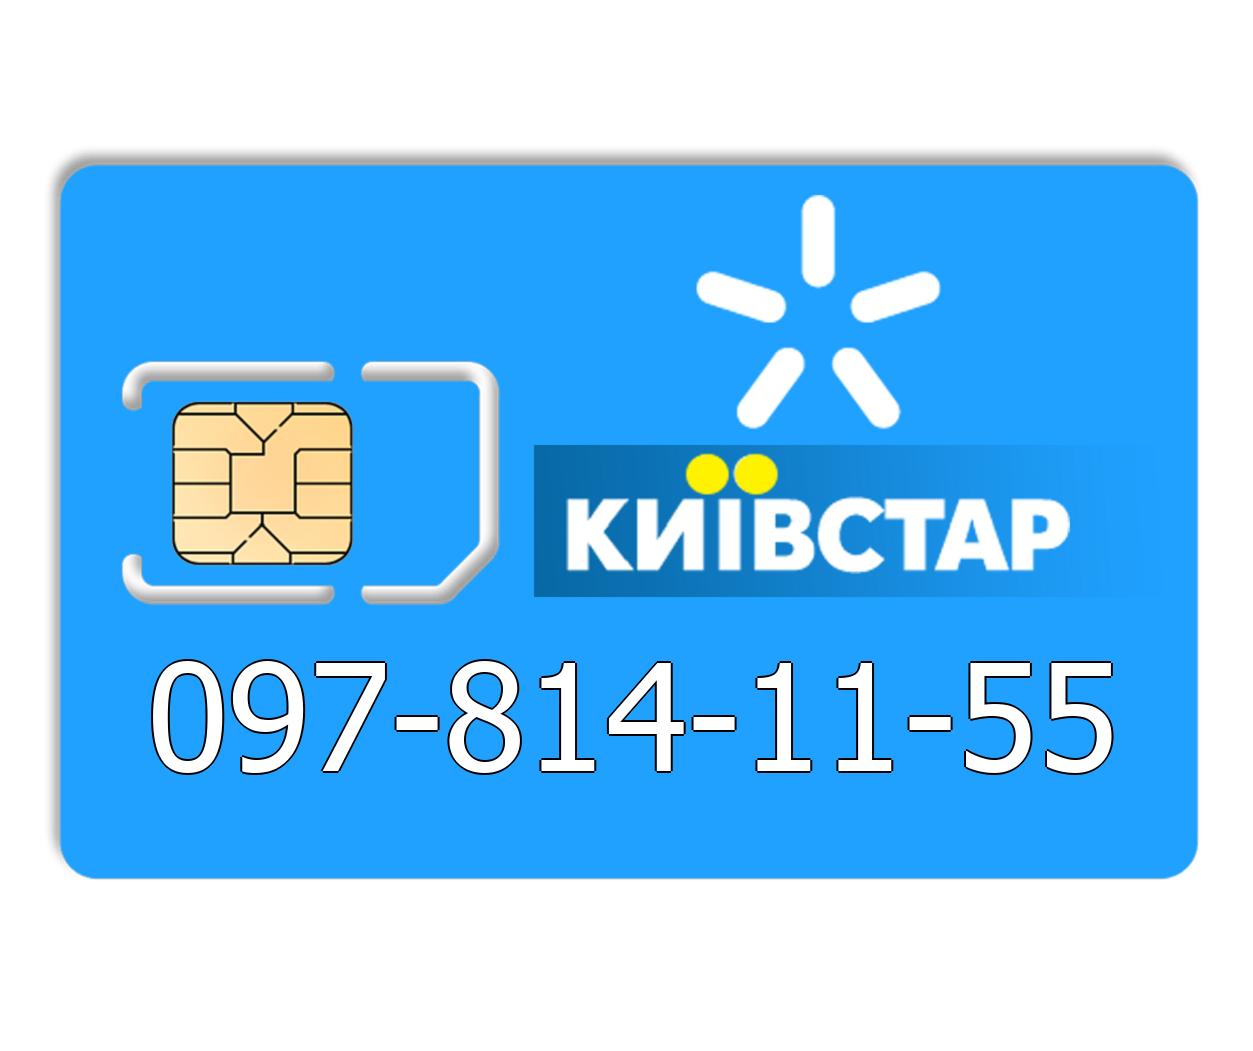 Красивый номер Киевстар 097-814-11-55